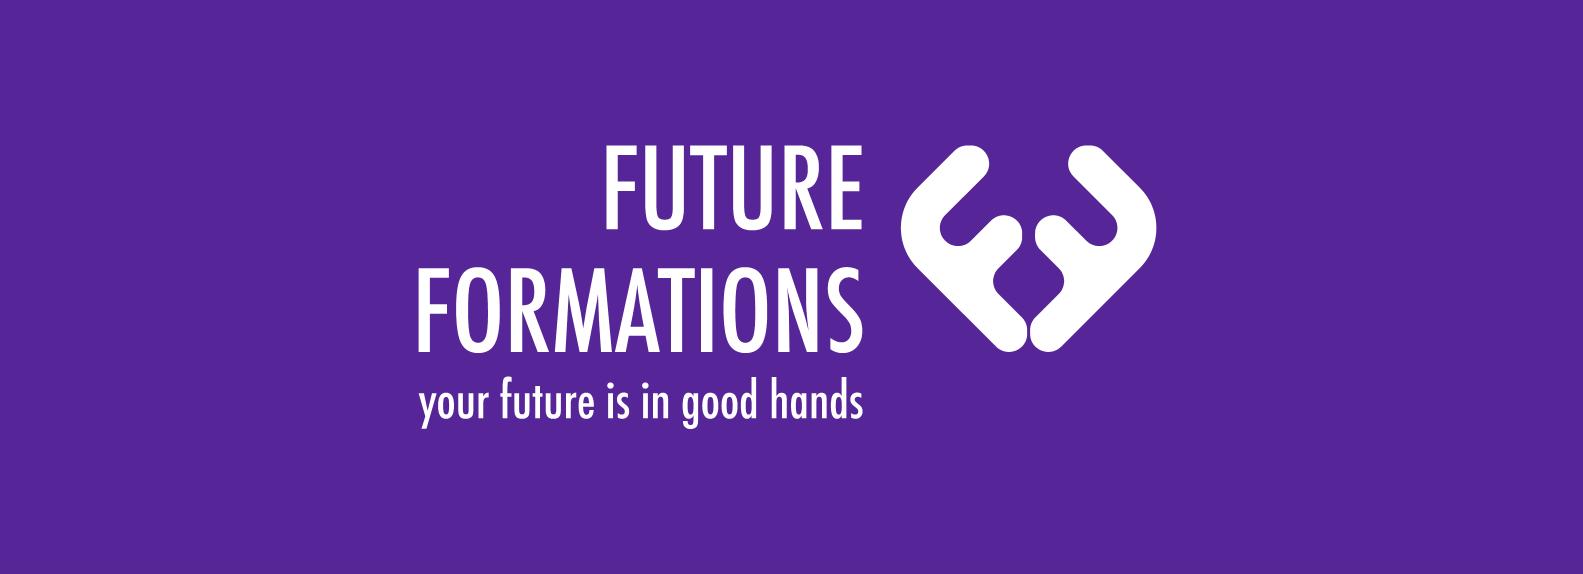 Future Formations Ltd